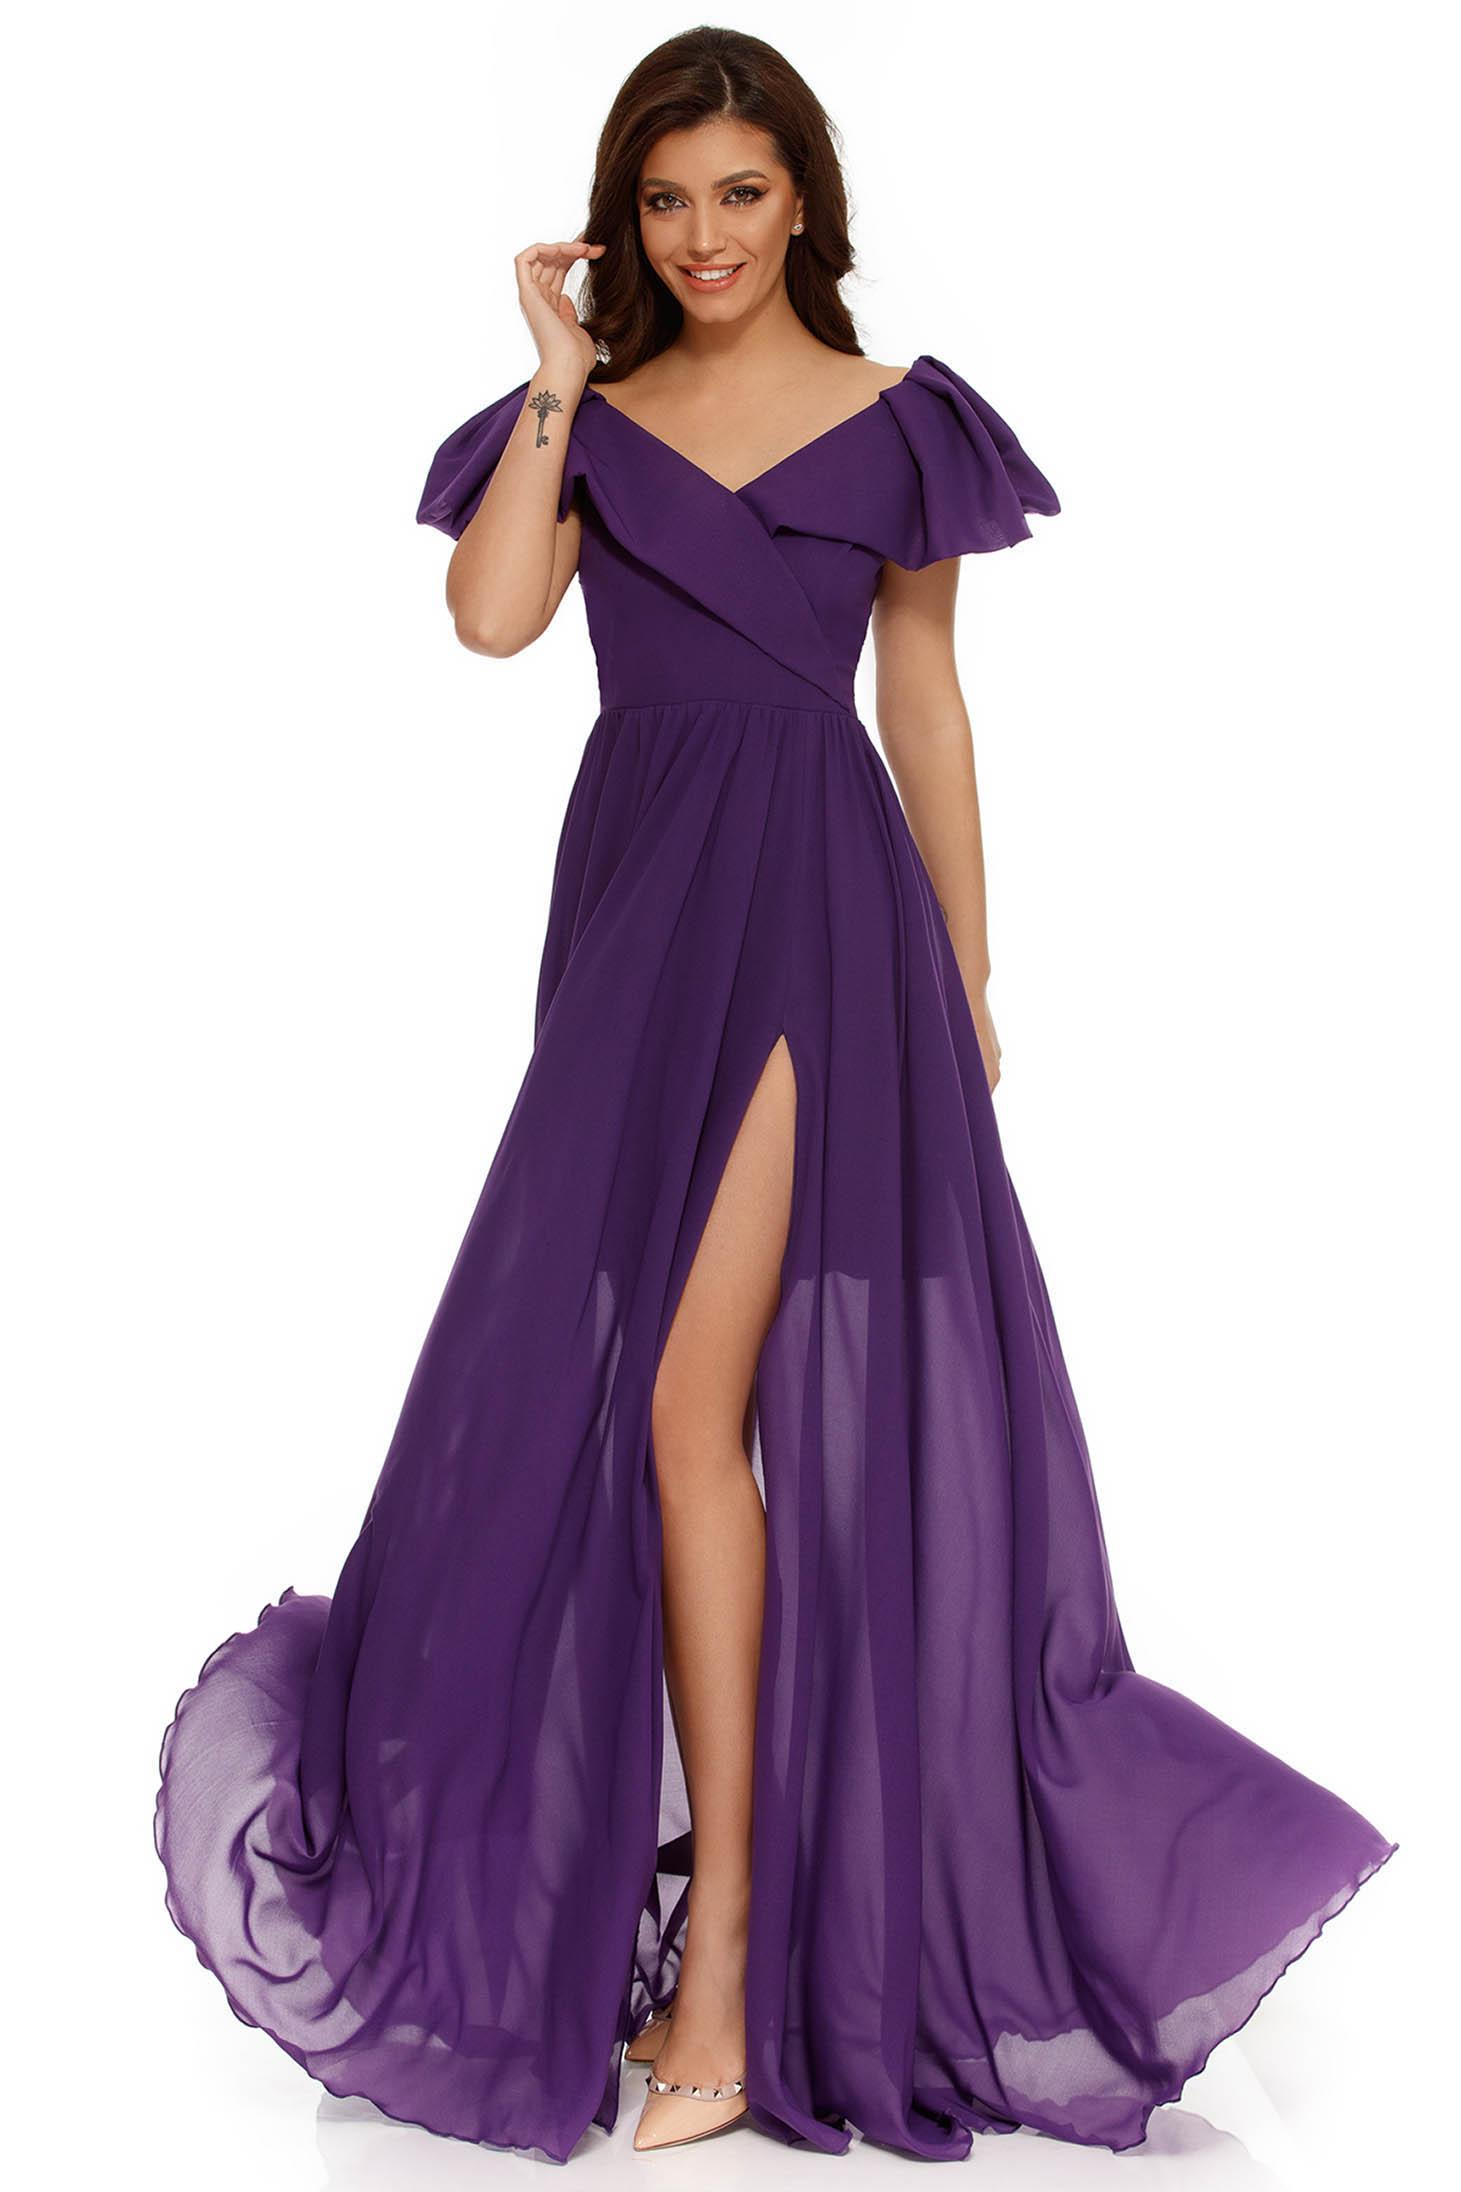 Imagini pentru Rochie violet